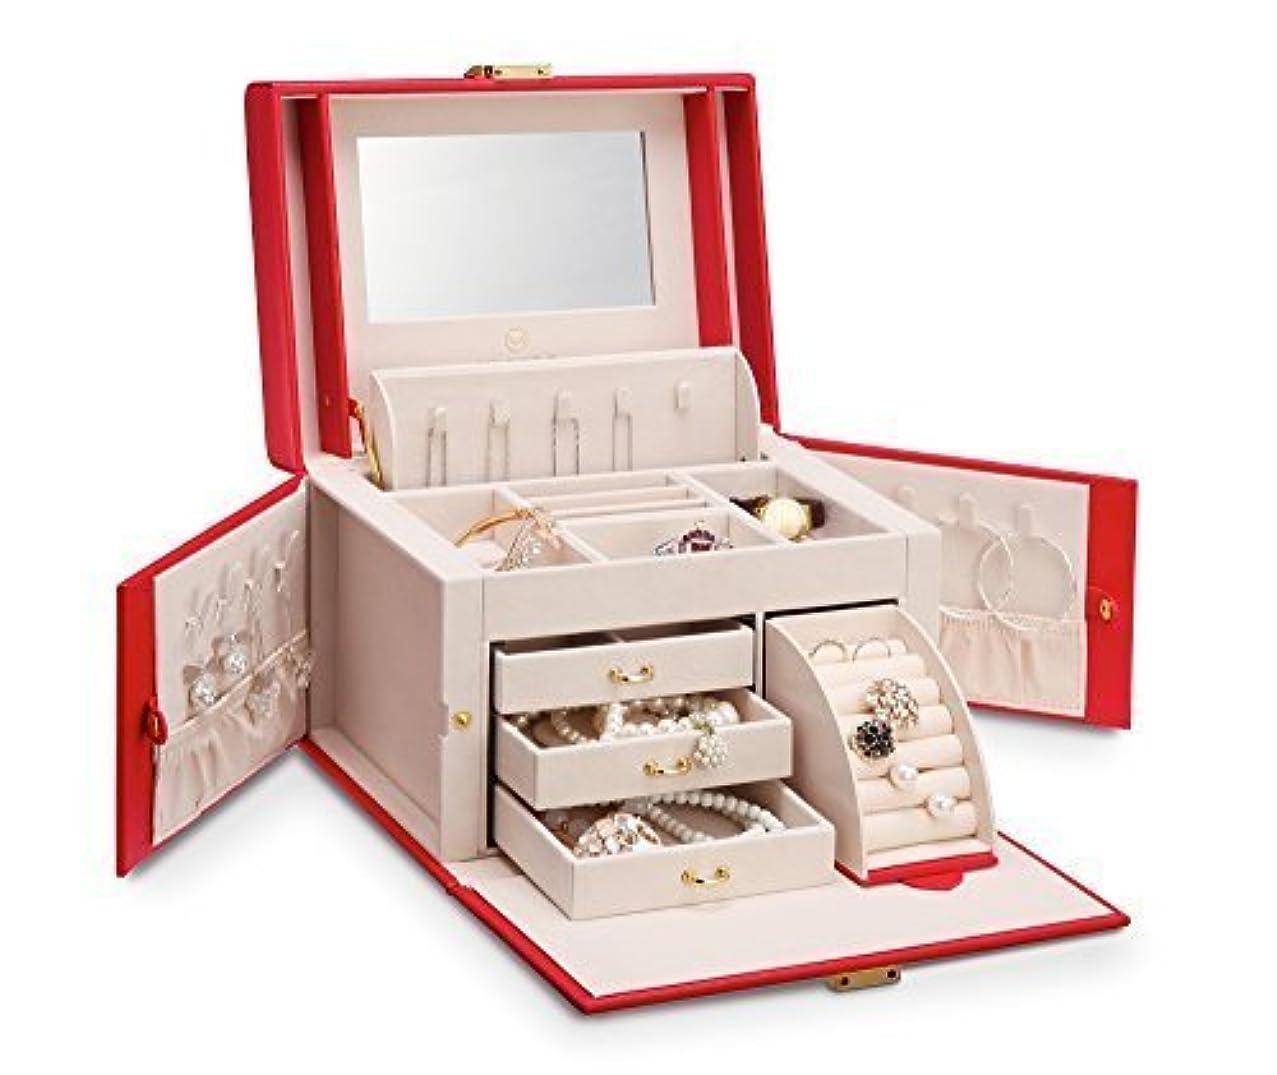 それぞれ仲間、同僚仲間、同僚Vlando ジュエリーボックス 収納 アクセサリーケース 大容量の宝石箱 ミラー 鏡付き ピアス ネックレス 指輪 リング アクセサリー 指輪置き ジュエリーバッグ 6色 (赤)